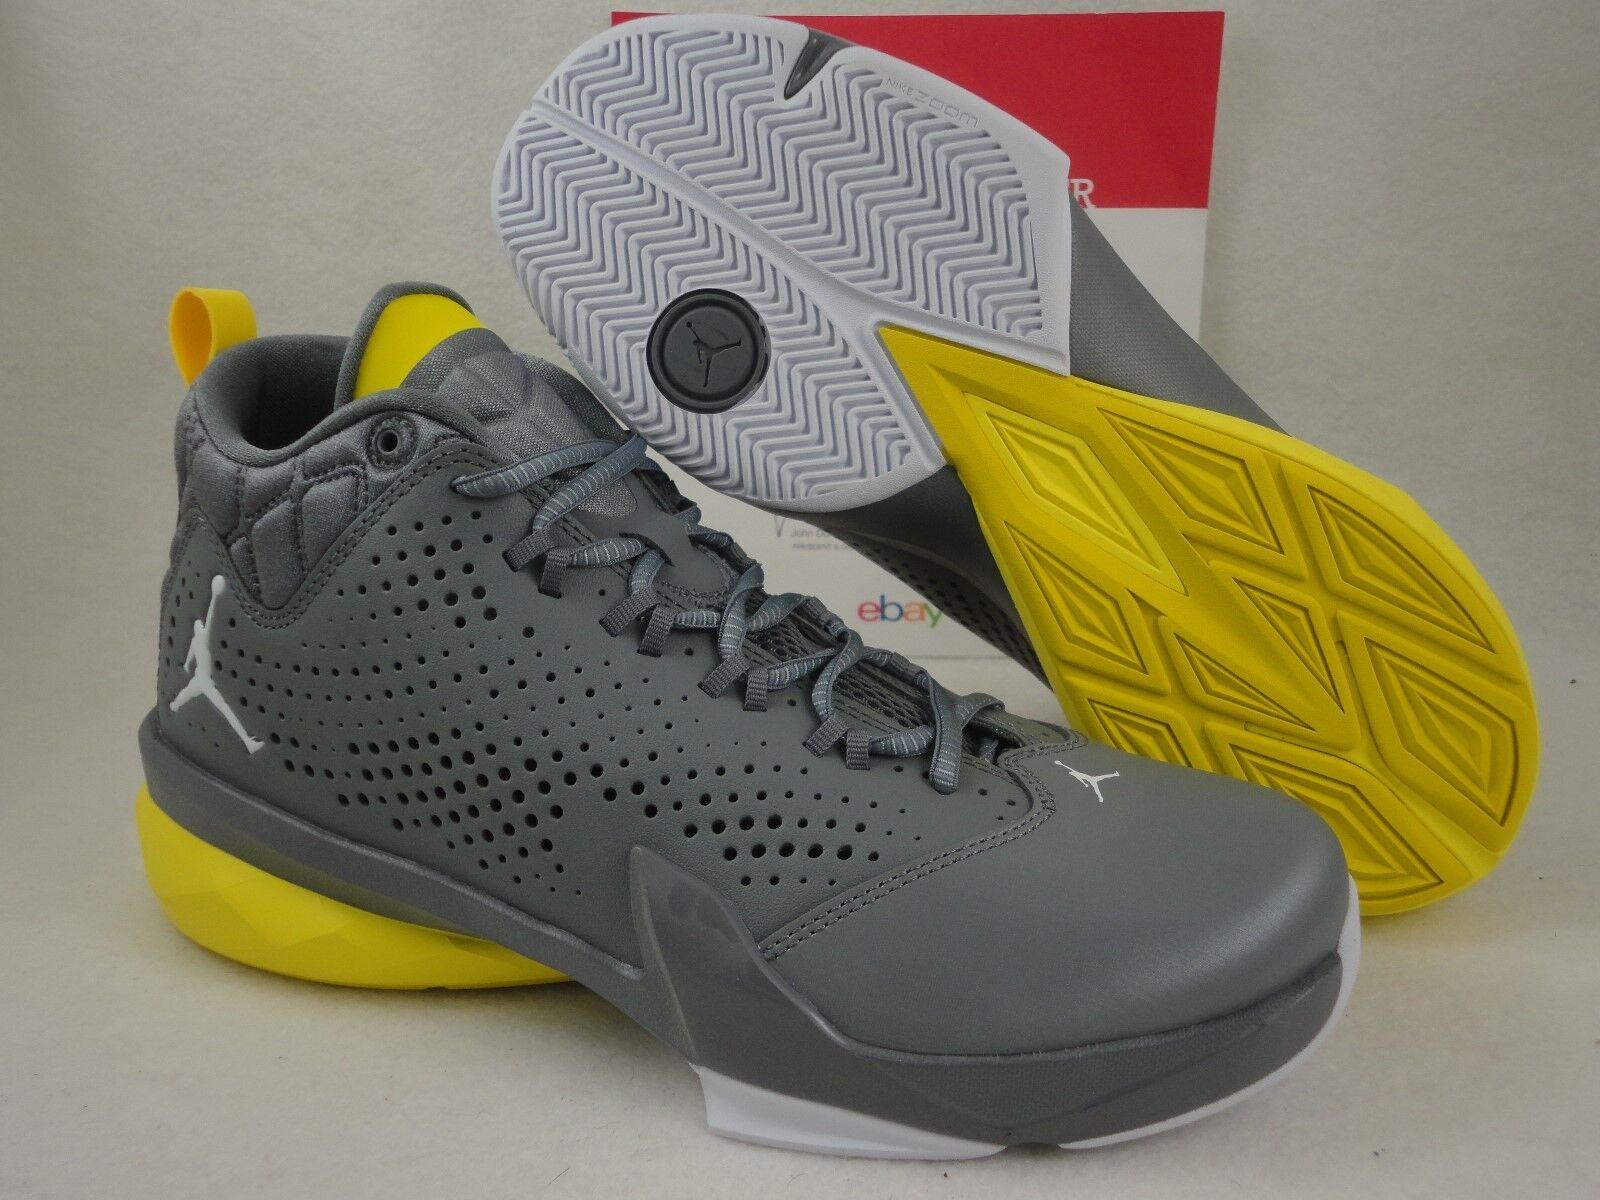 Nike a jordan di volo, grey grey volo, / giallo 14 retro design lunarlon, sz 10 ca5630